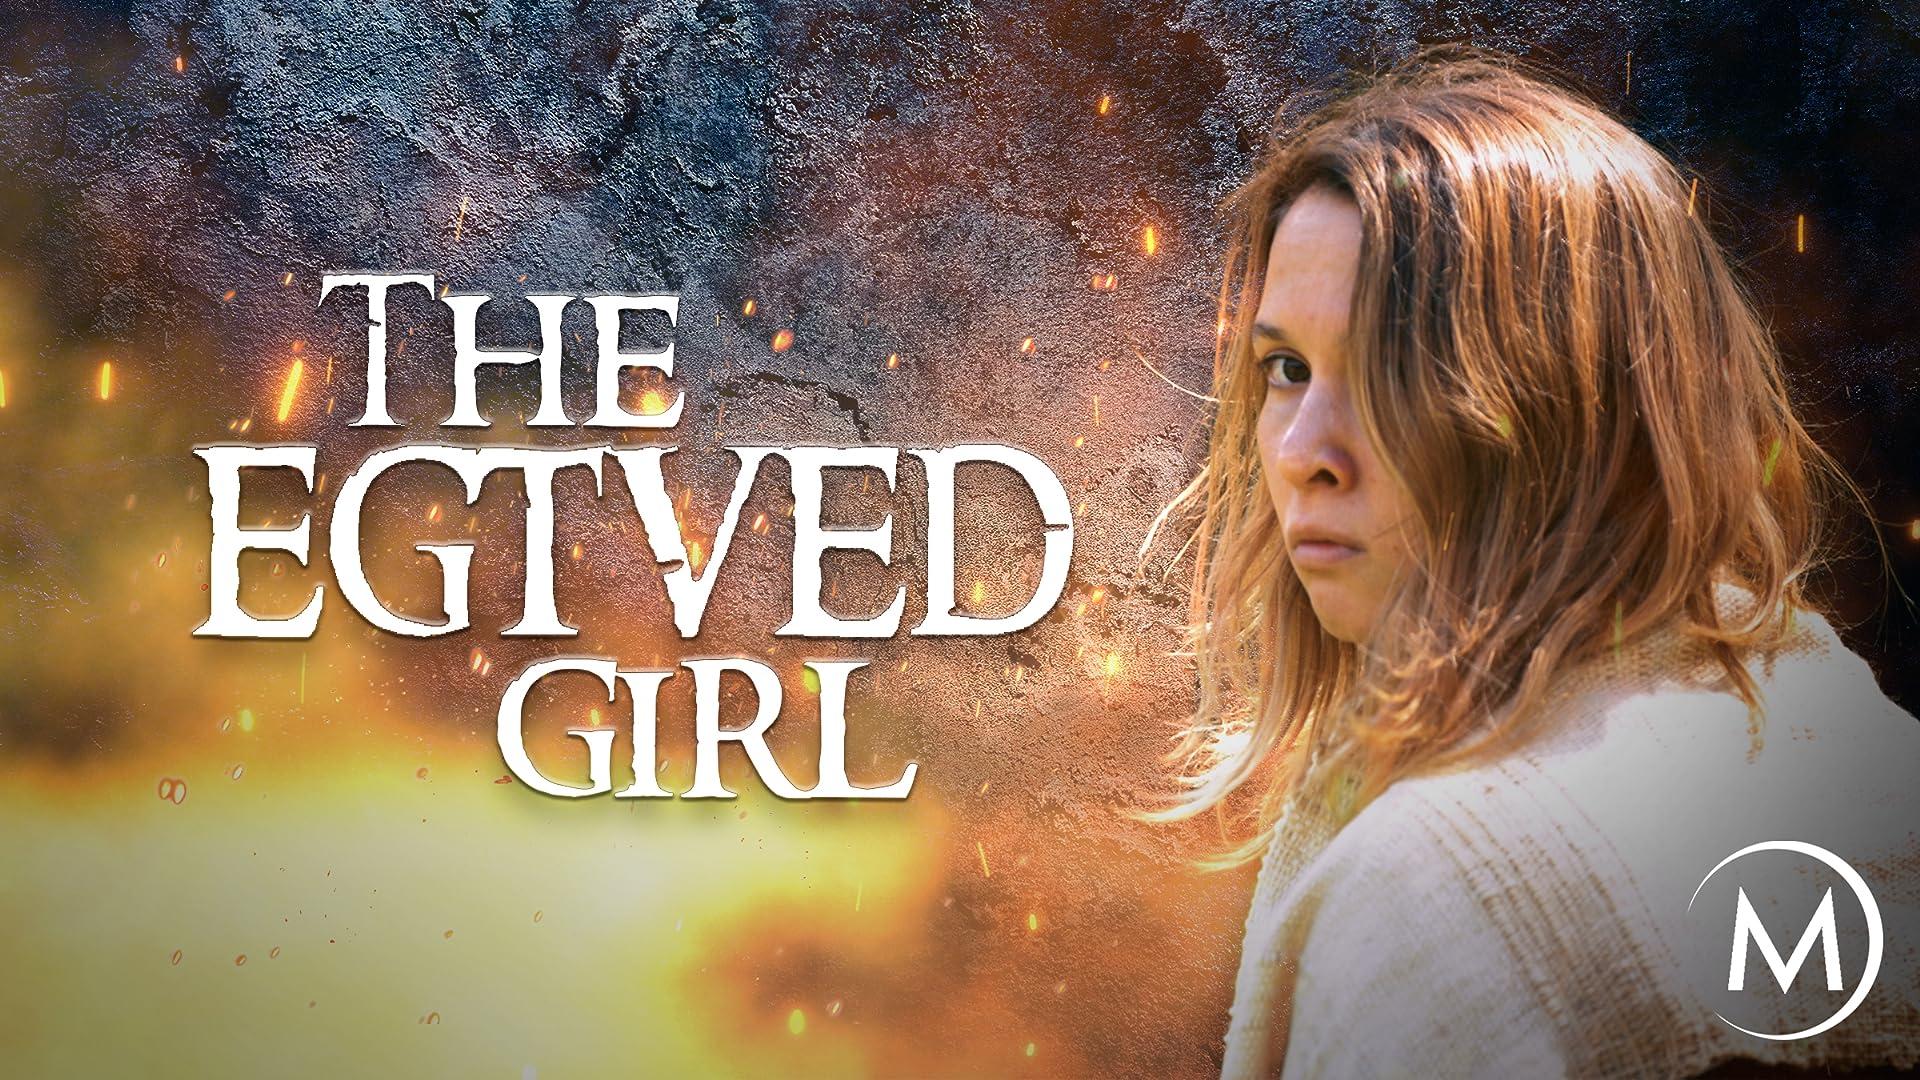 The Egtved Girl